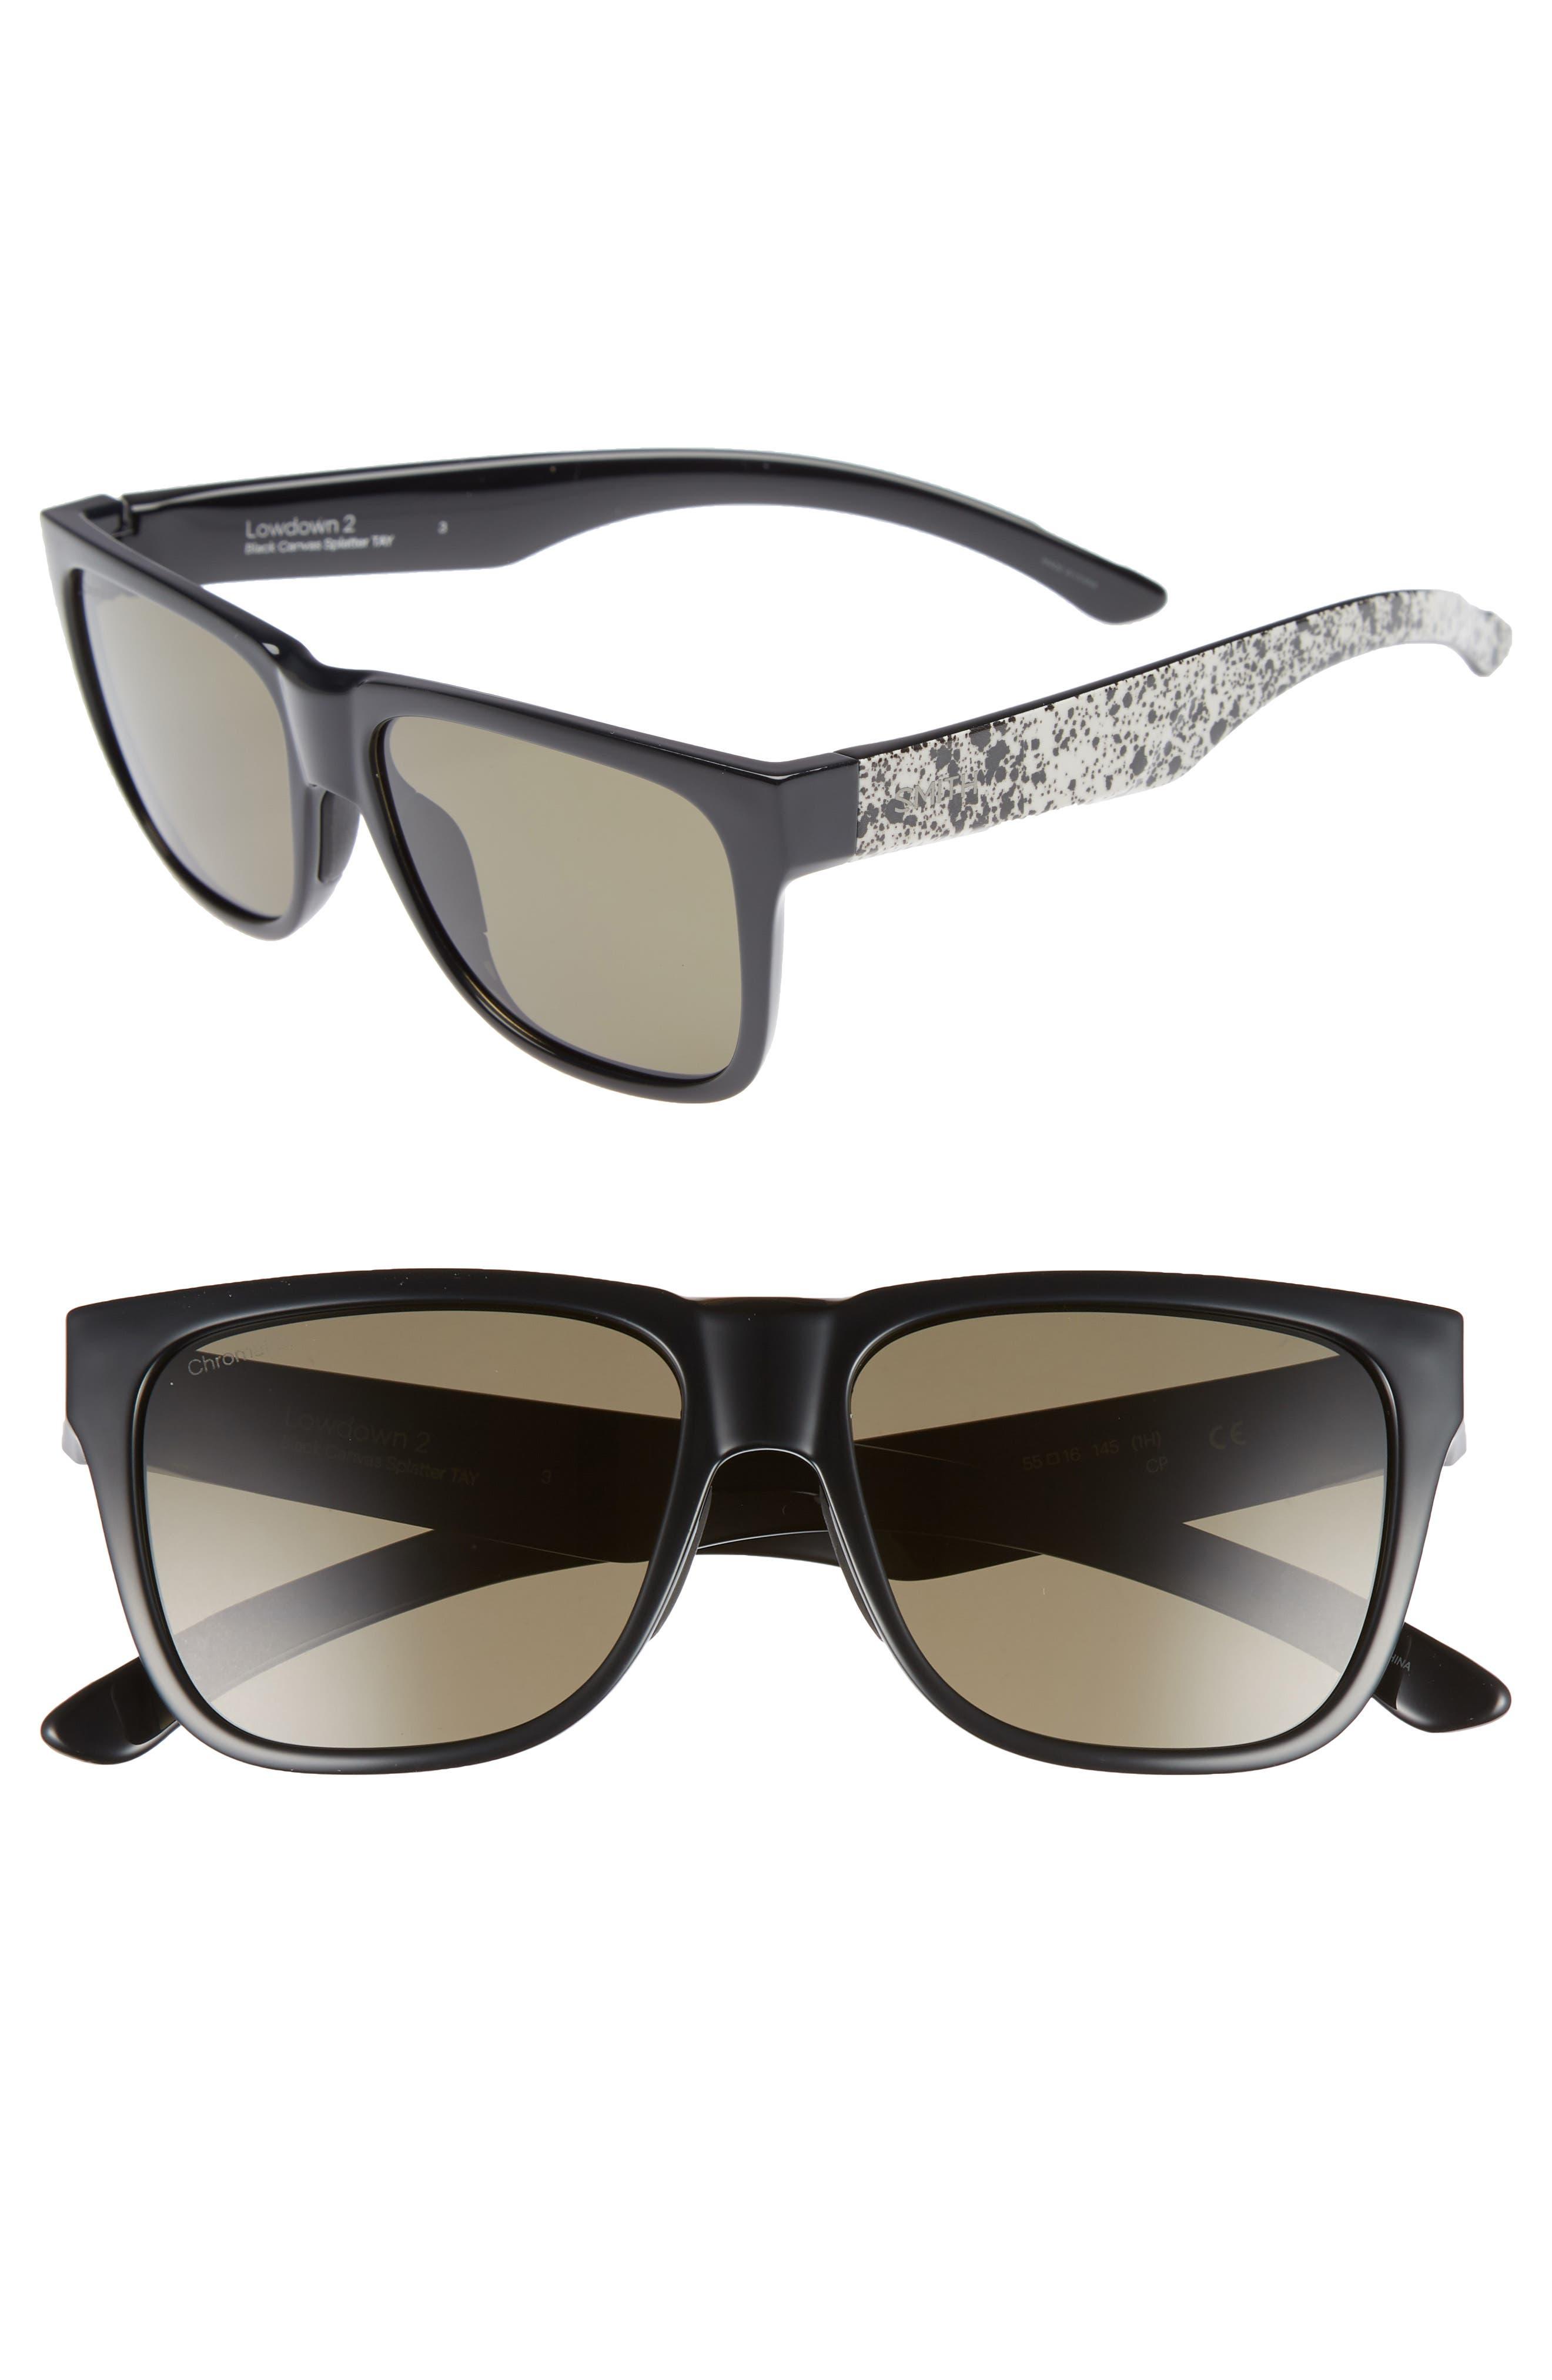 Outlier 2 57mm ChromaPop<sup>™</sup> Sunglasses,                             Main thumbnail 1, color,                             MATTE BLACK/ GREY GREEN